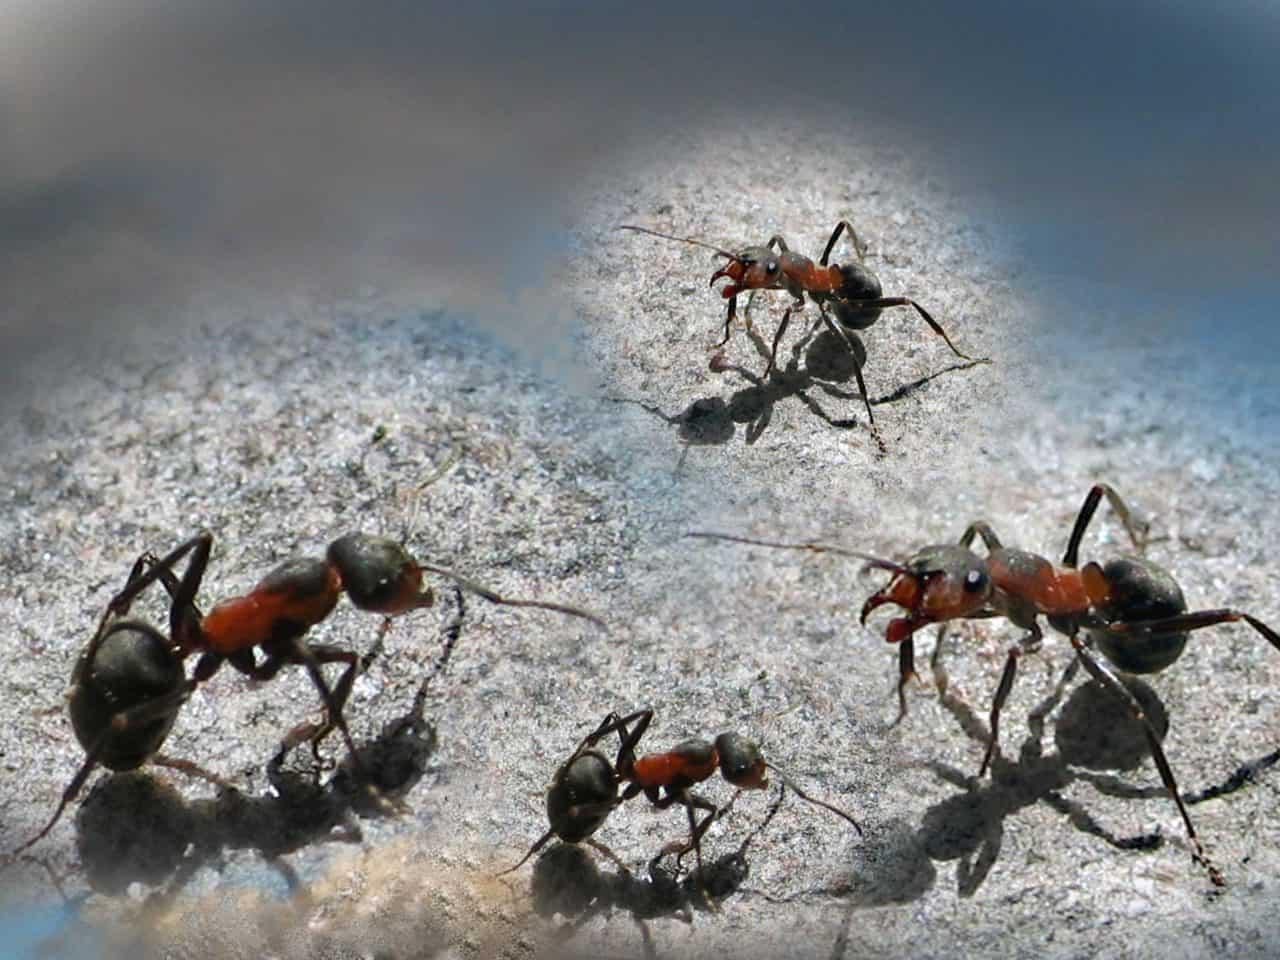 Ameisen Mit Hausmitteln Aus Dem Haus Vertreiben Nachgeharkt